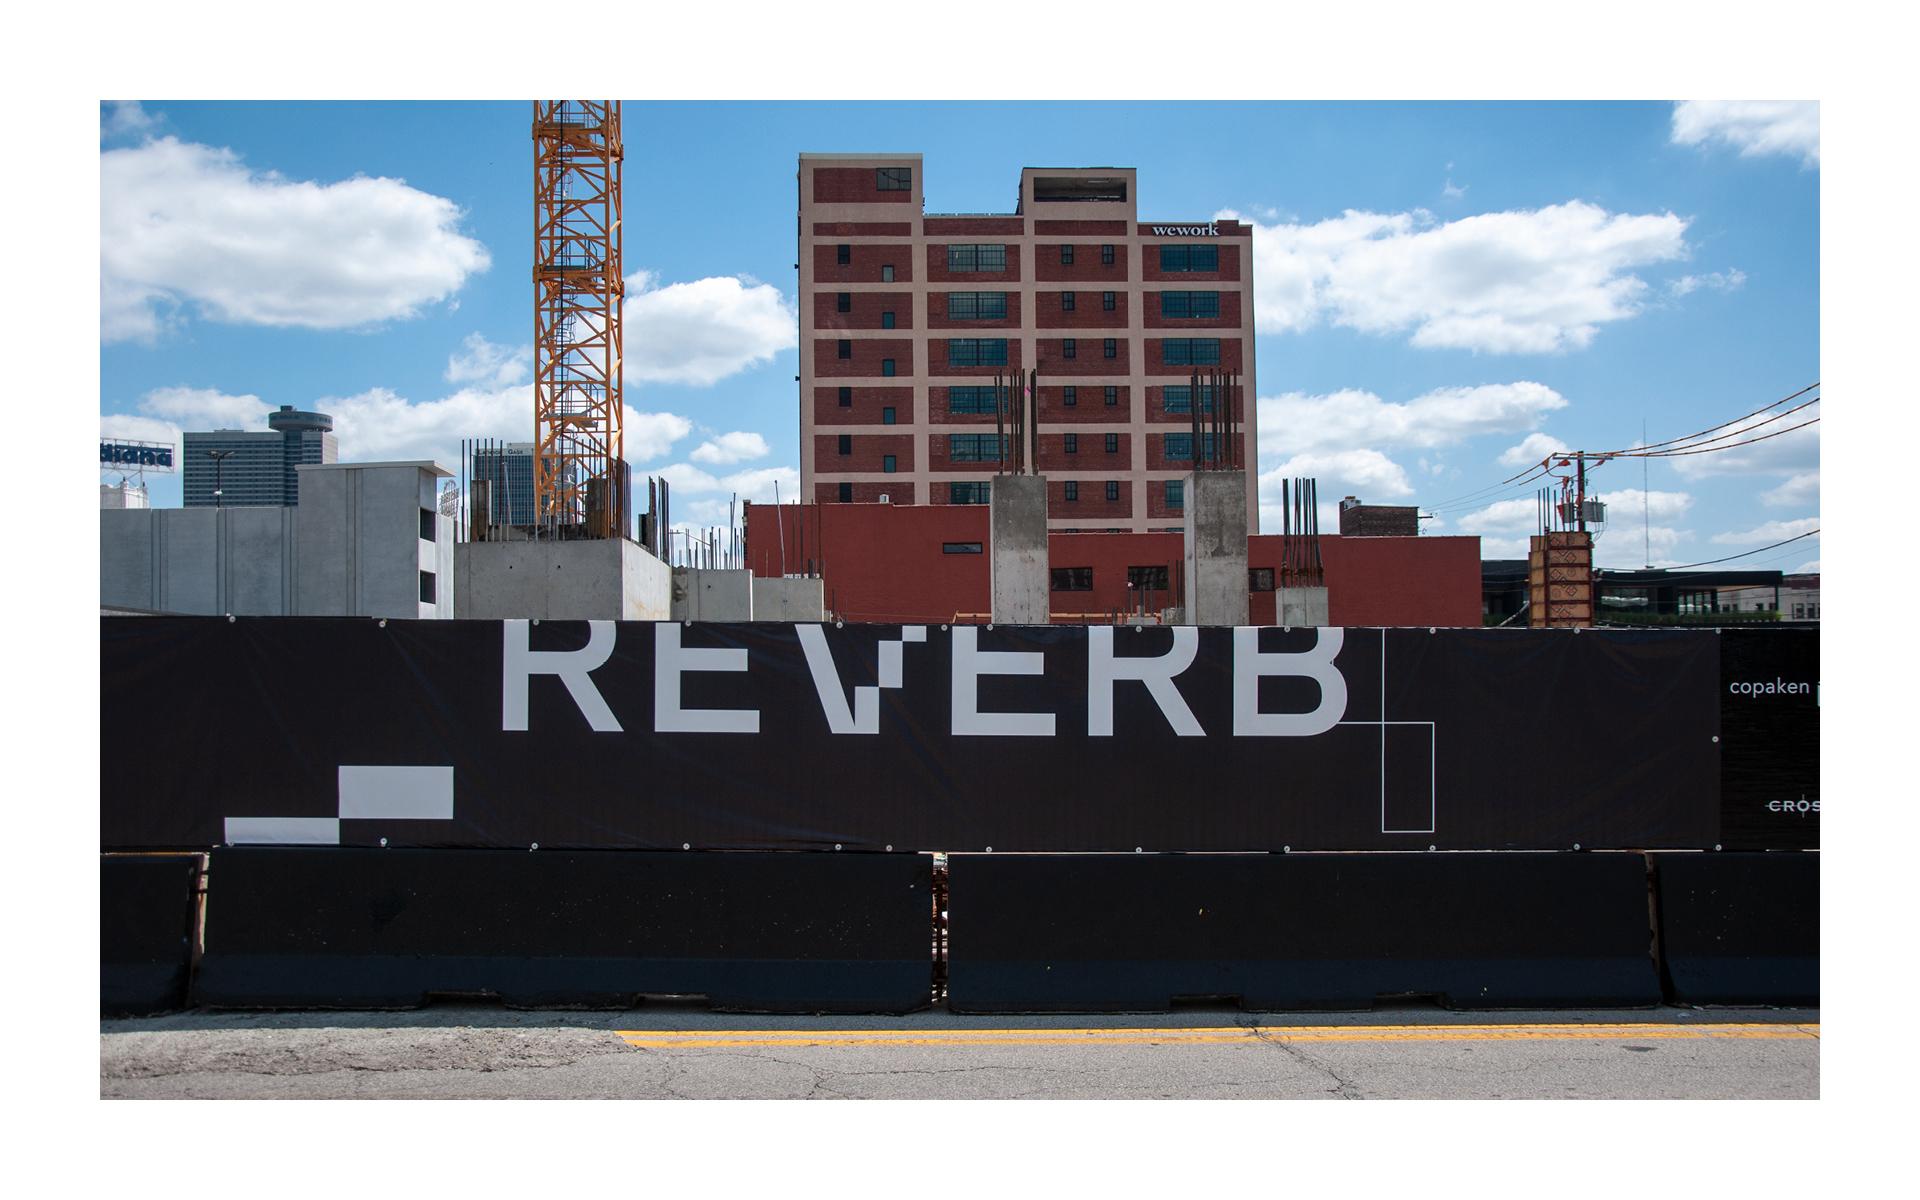 Reverb_50